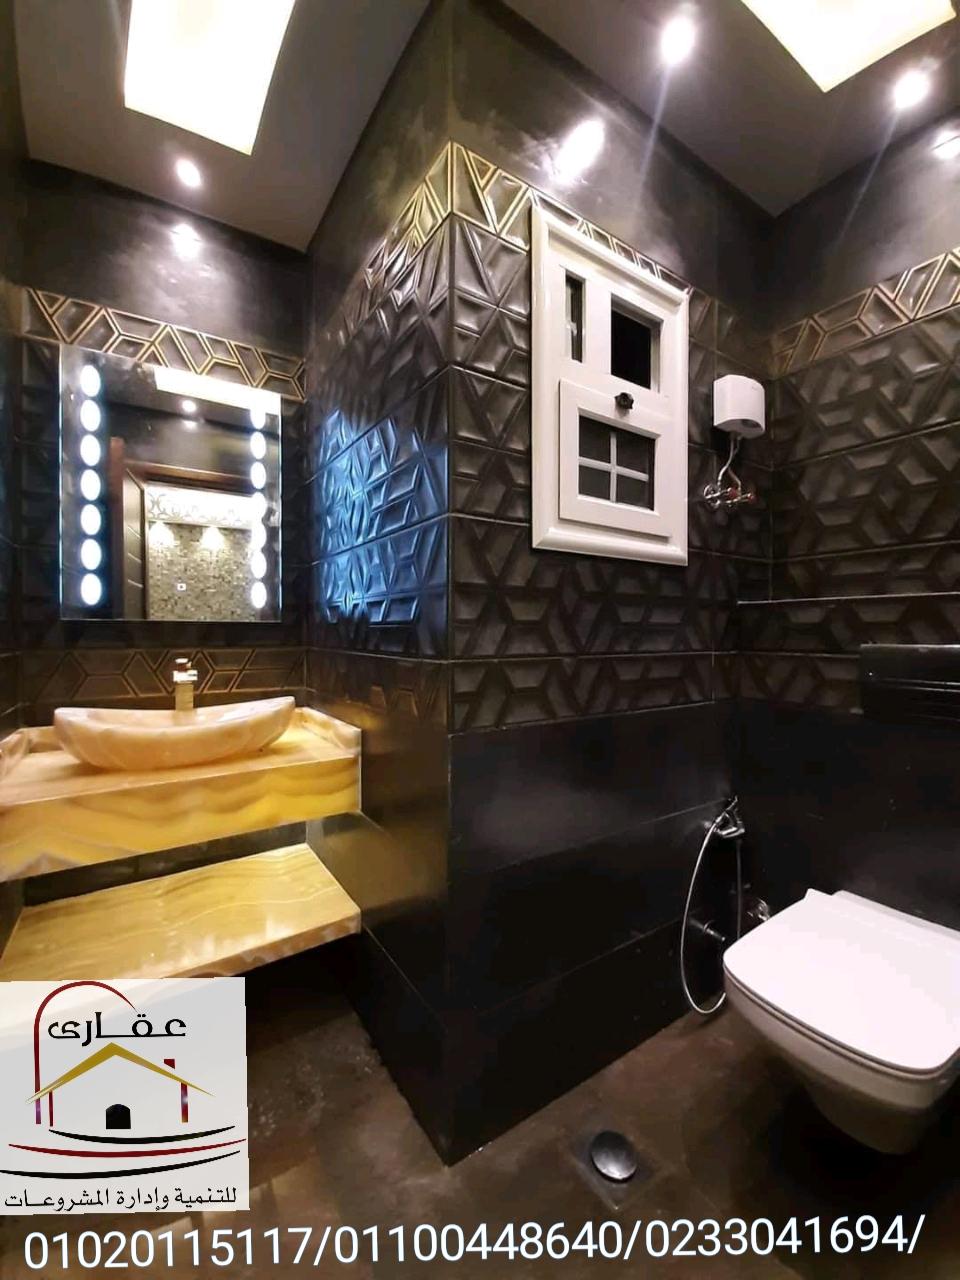 حمامات / ديكورات وتصميم حمامات / افضل الديكورات / عقارى 01100448640   Whats128